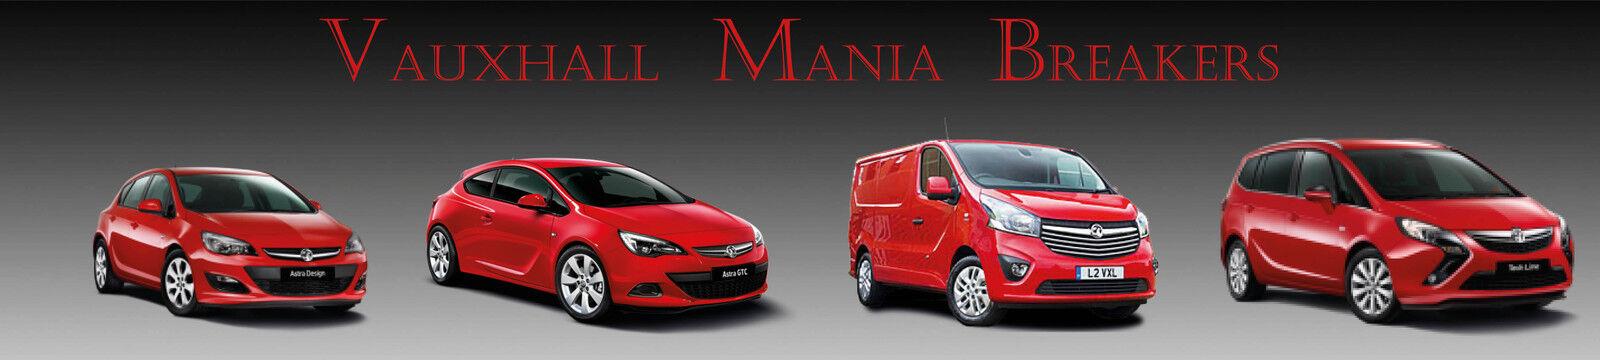 VauxhallManiaLimited2015